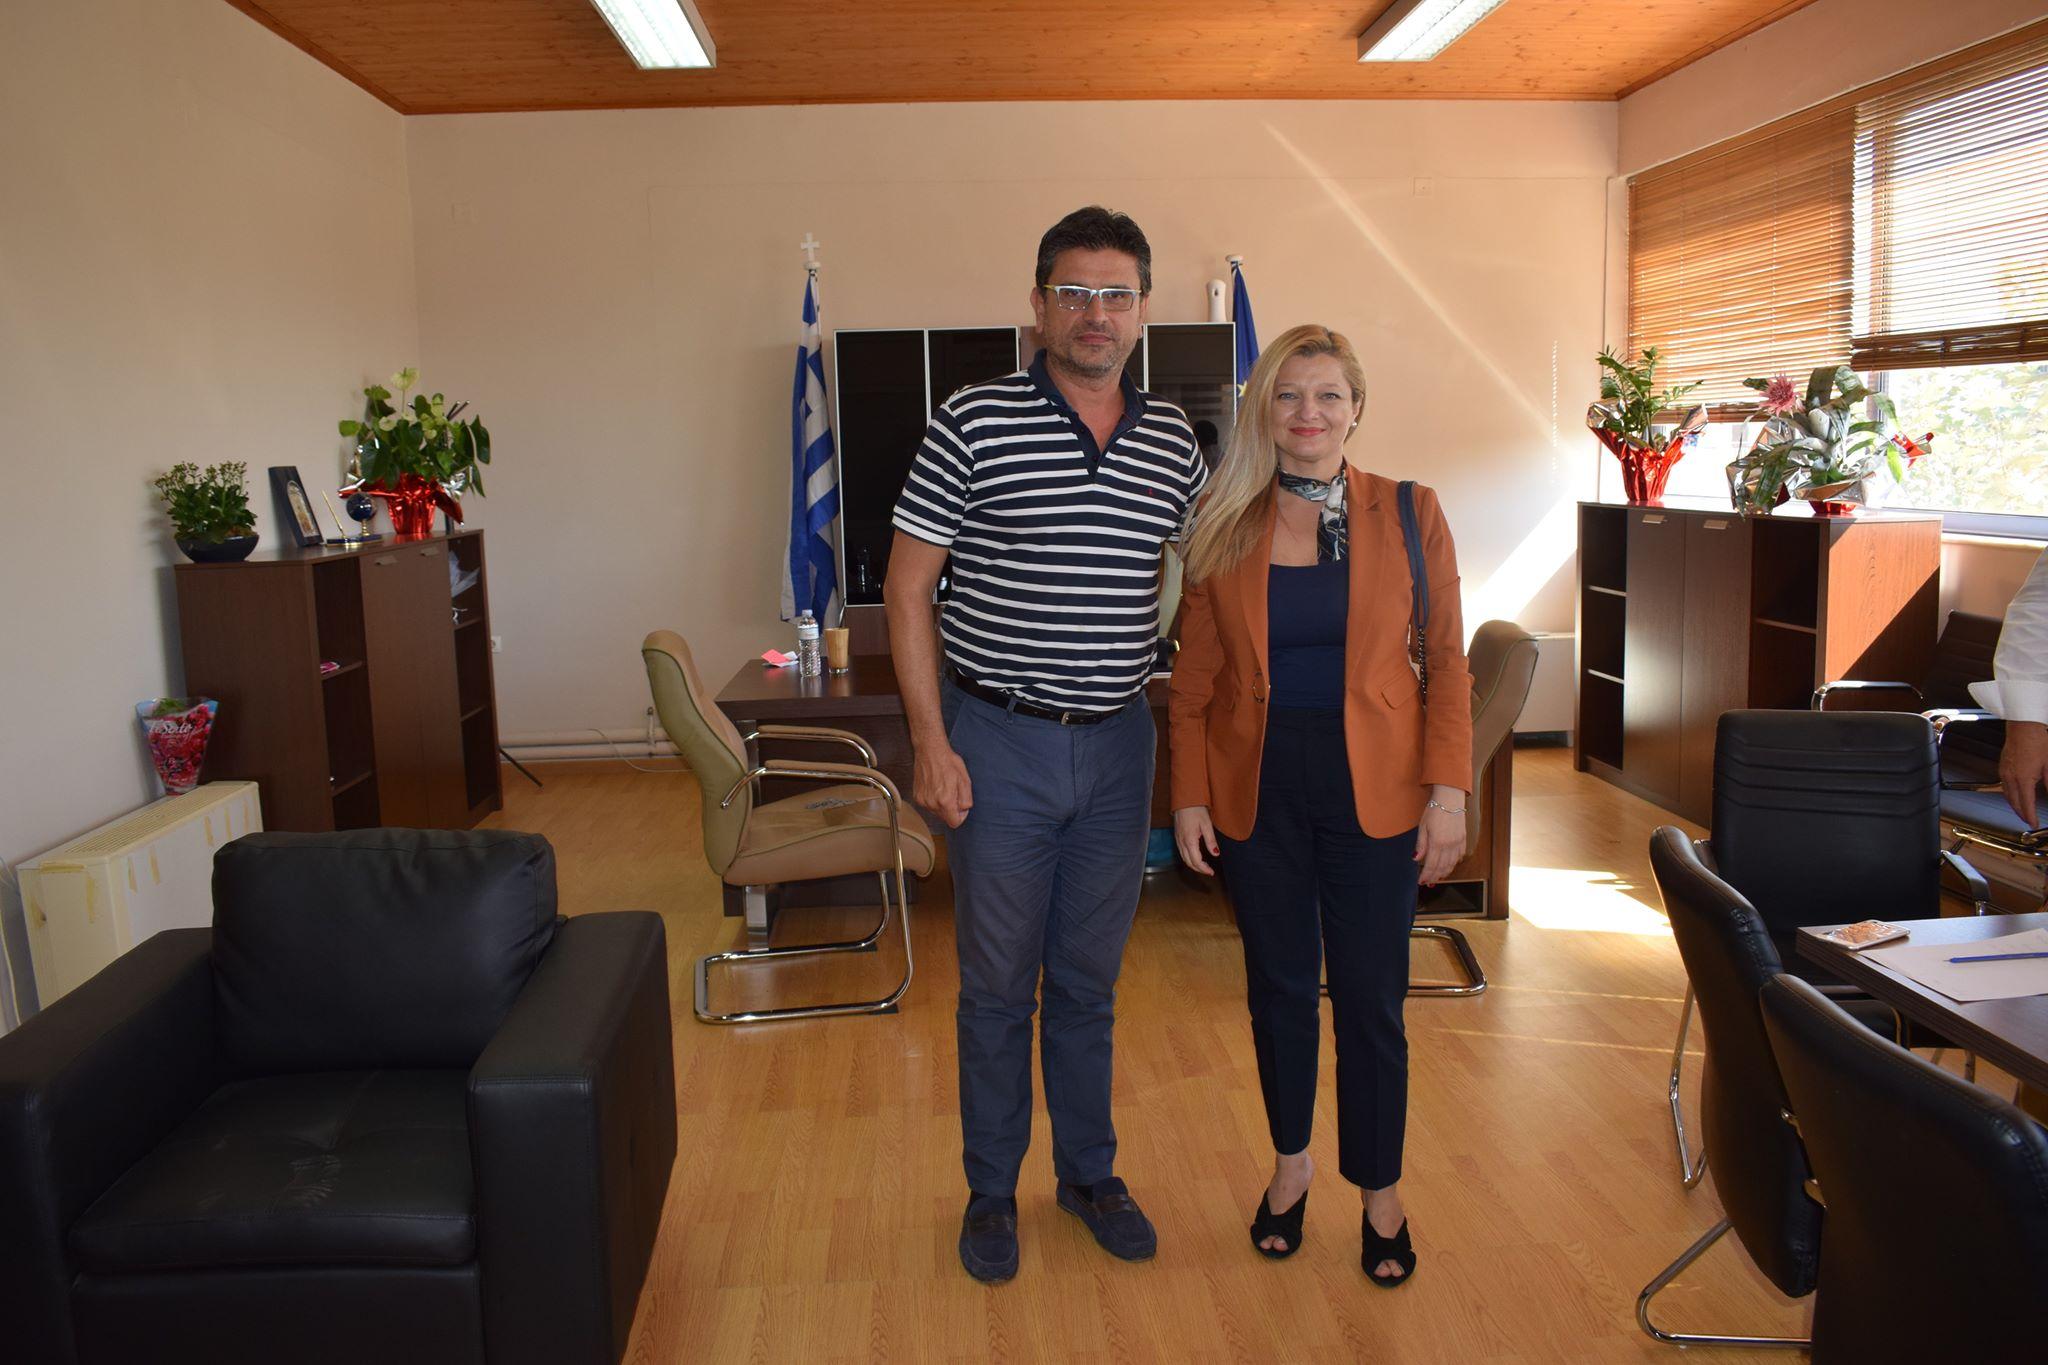 Για Ι. Λέντζα και Δ.Θ. Αυγερινοπούλου: Συνάντηση εφ' όλης της ύλης (Photos)